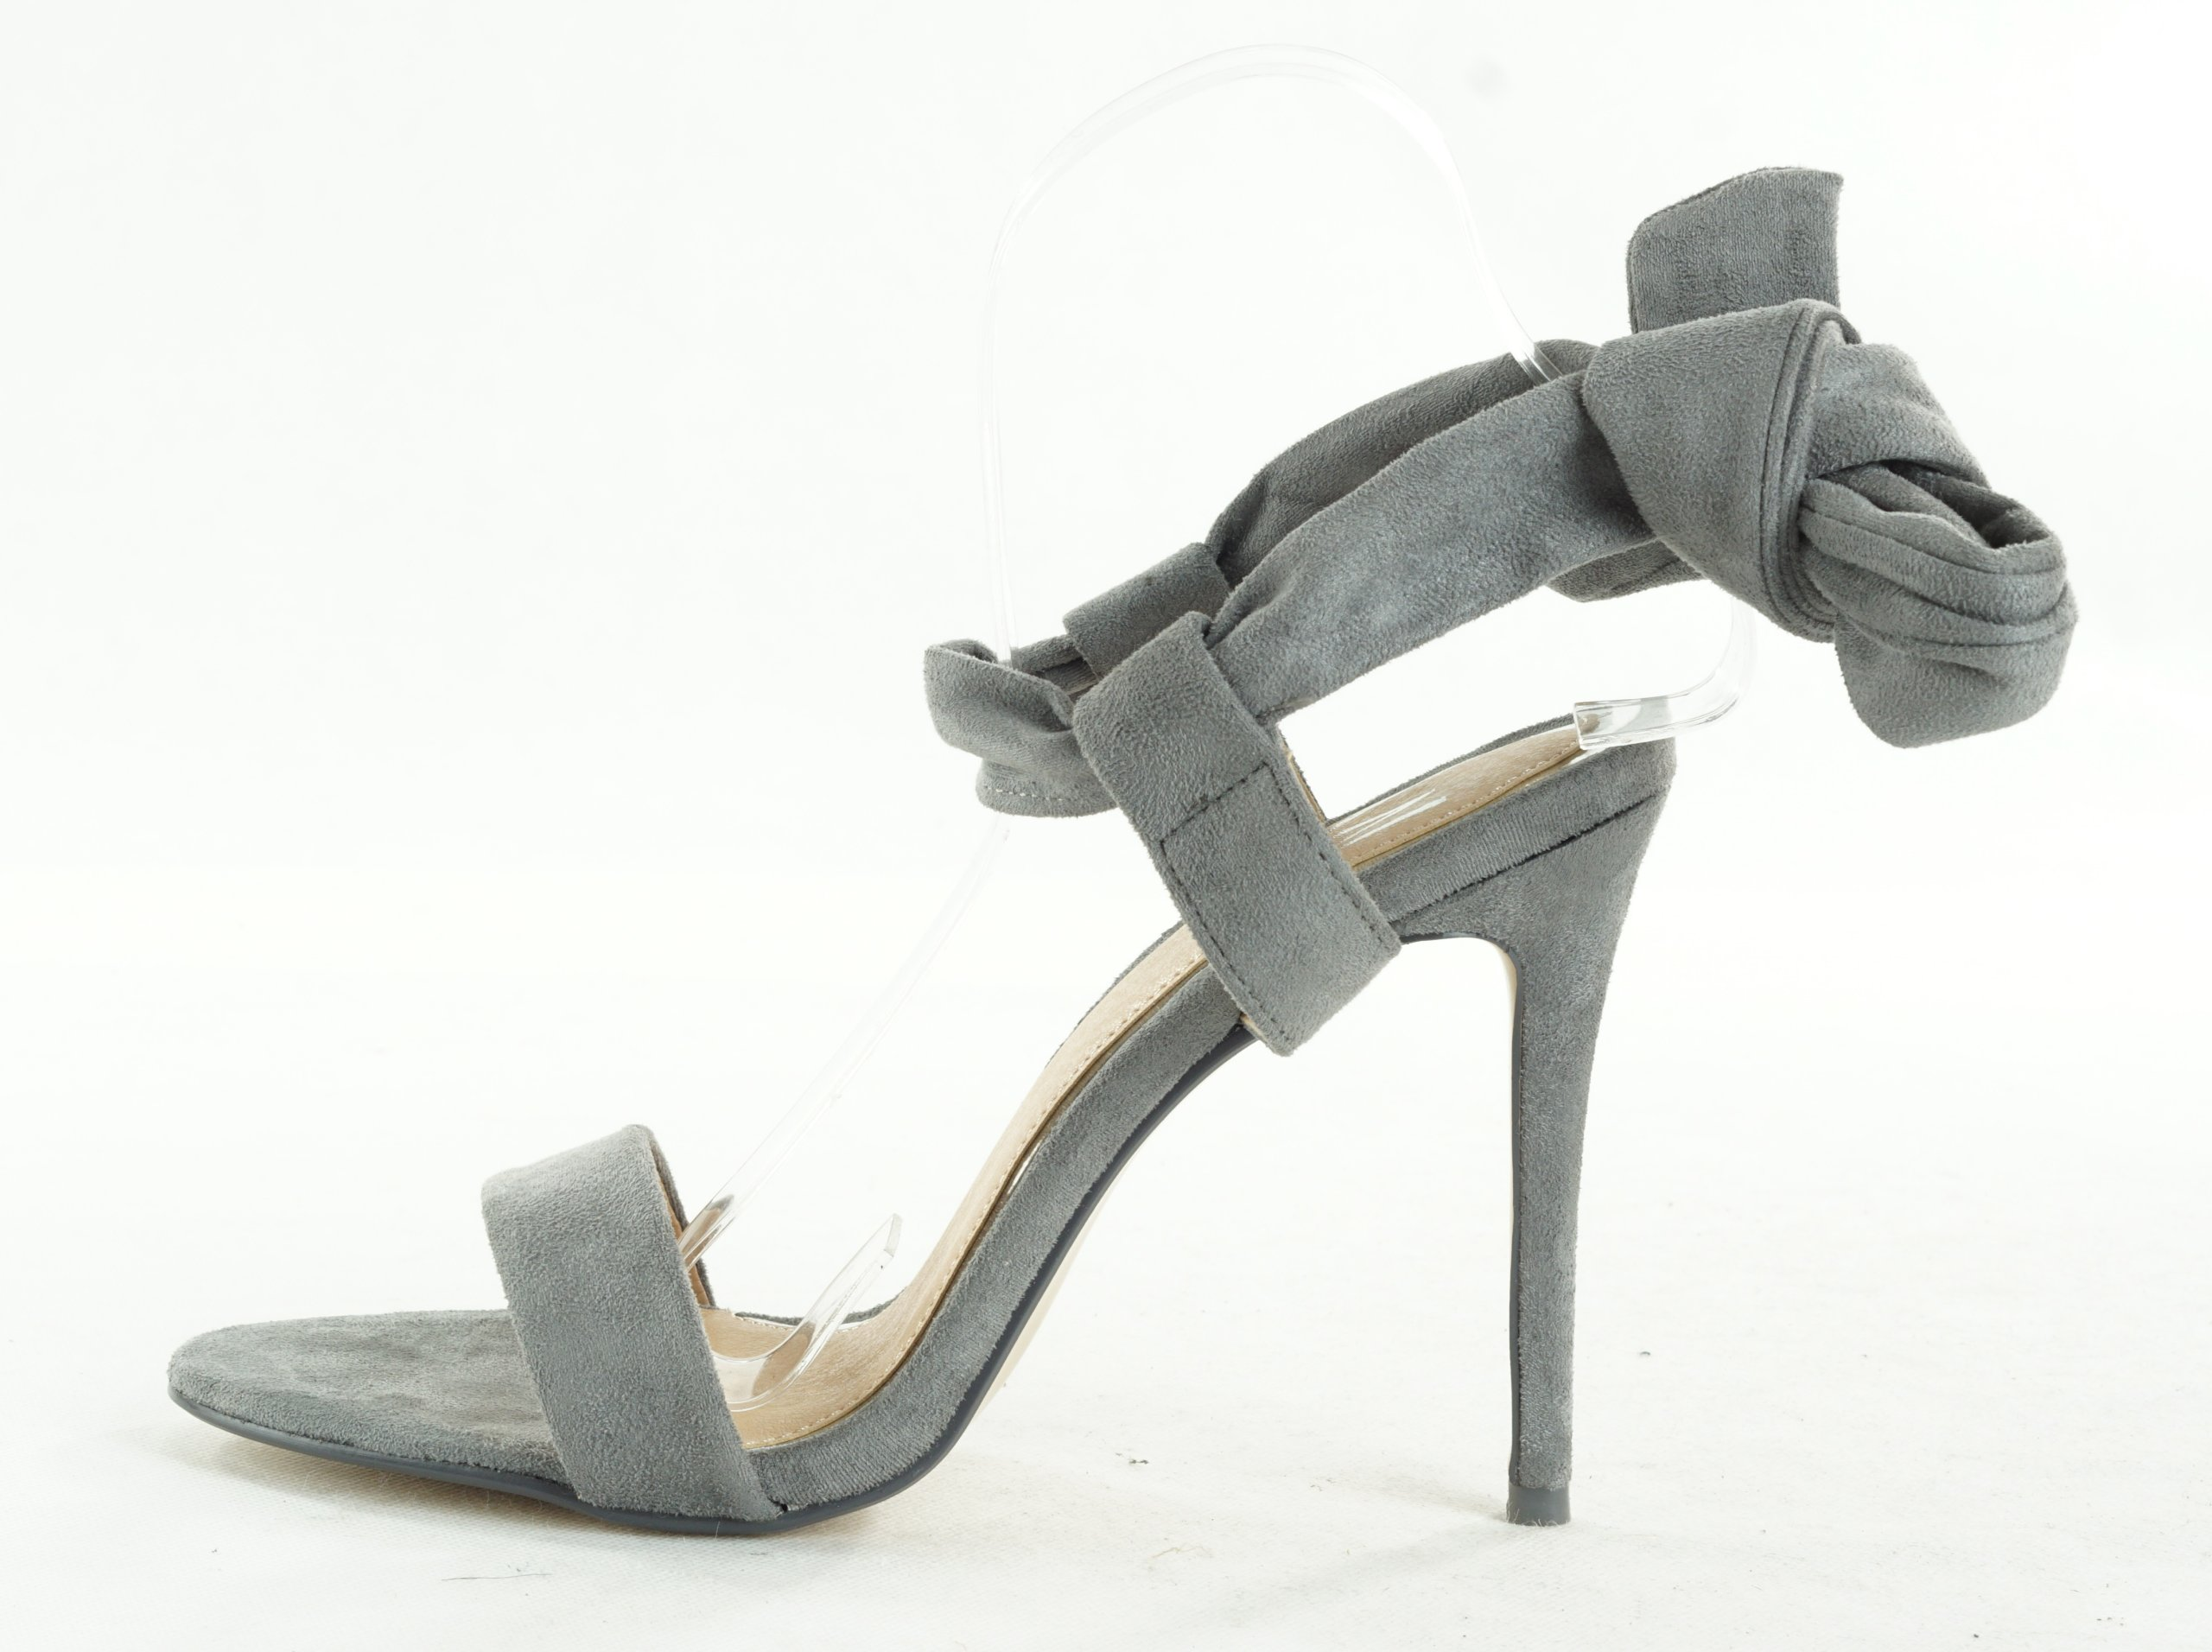 484c07e6 WALLIS szare sandały na szpilce wiązane R. 40 W7 3 - 7354027357 ...